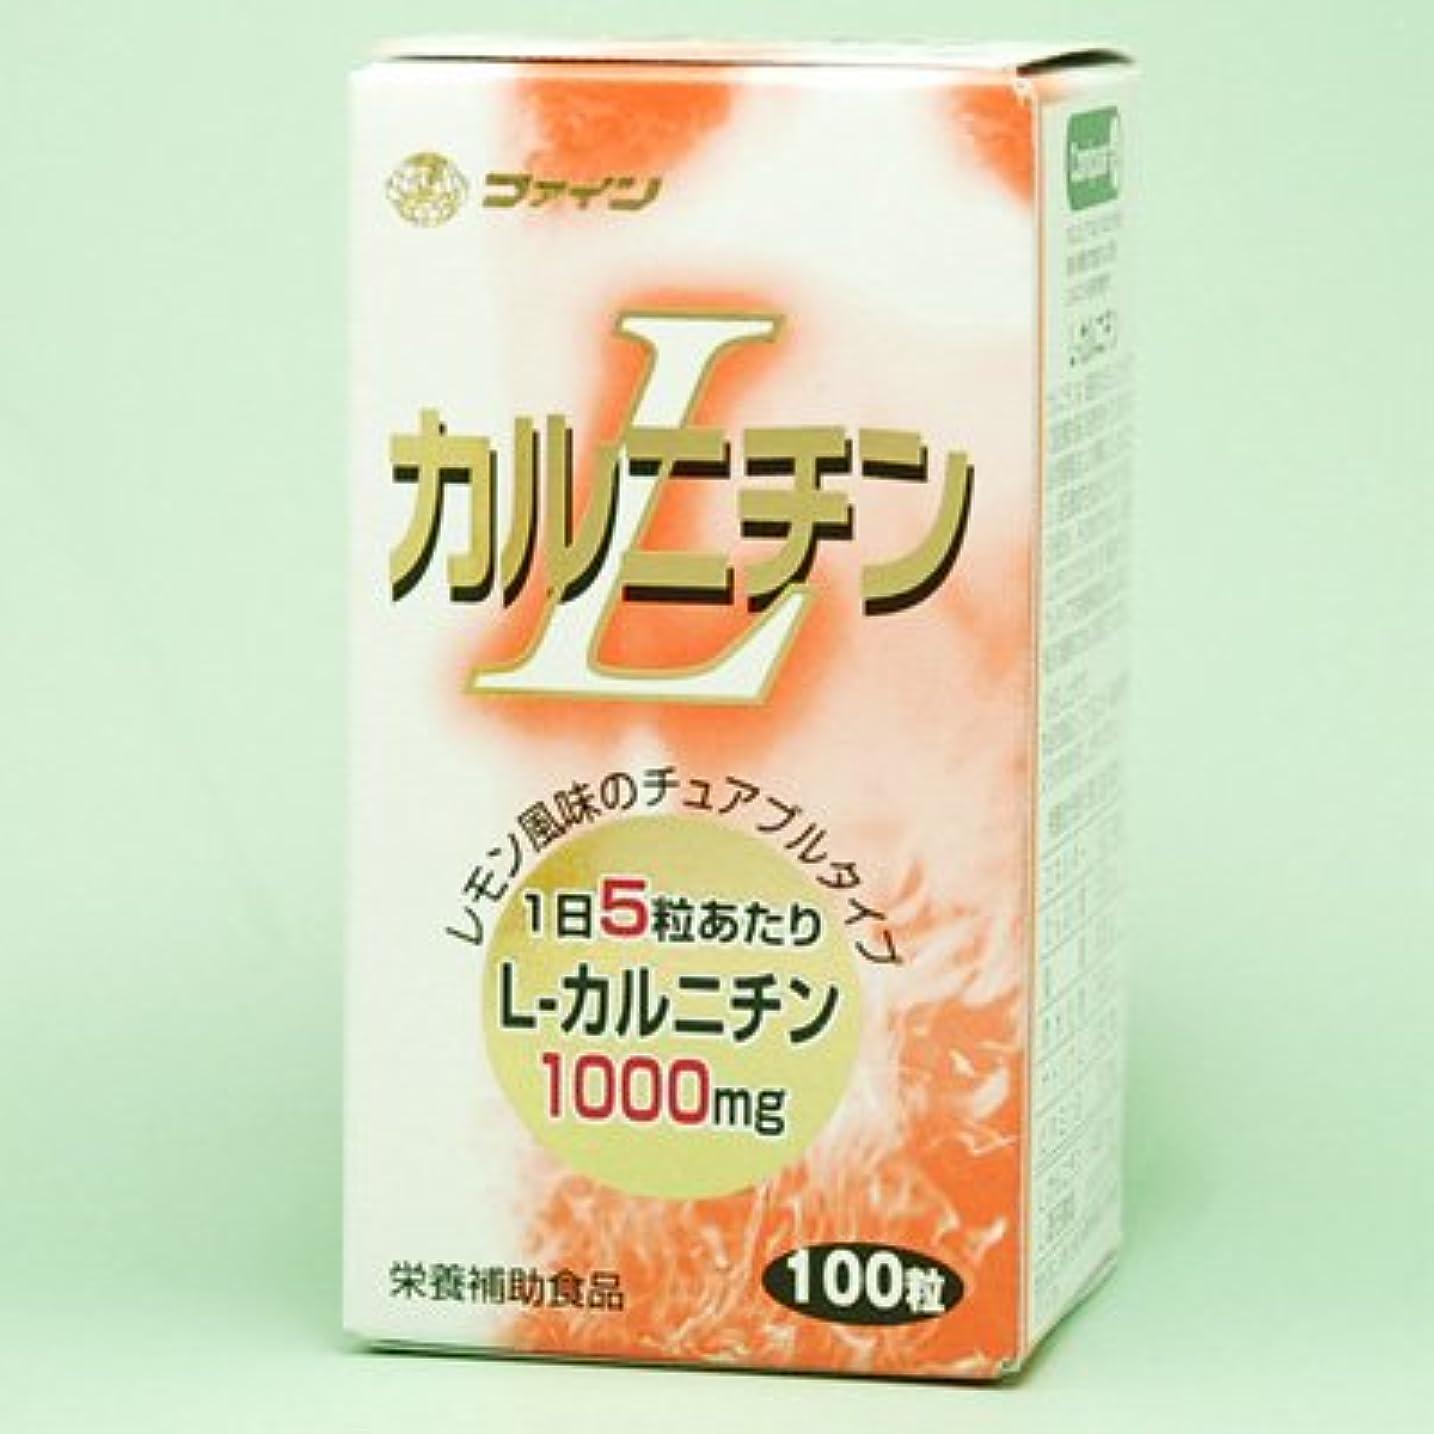 大惨事禁止禁止ファイン L-カルニチン 100粒 (#677390) ×6個セット